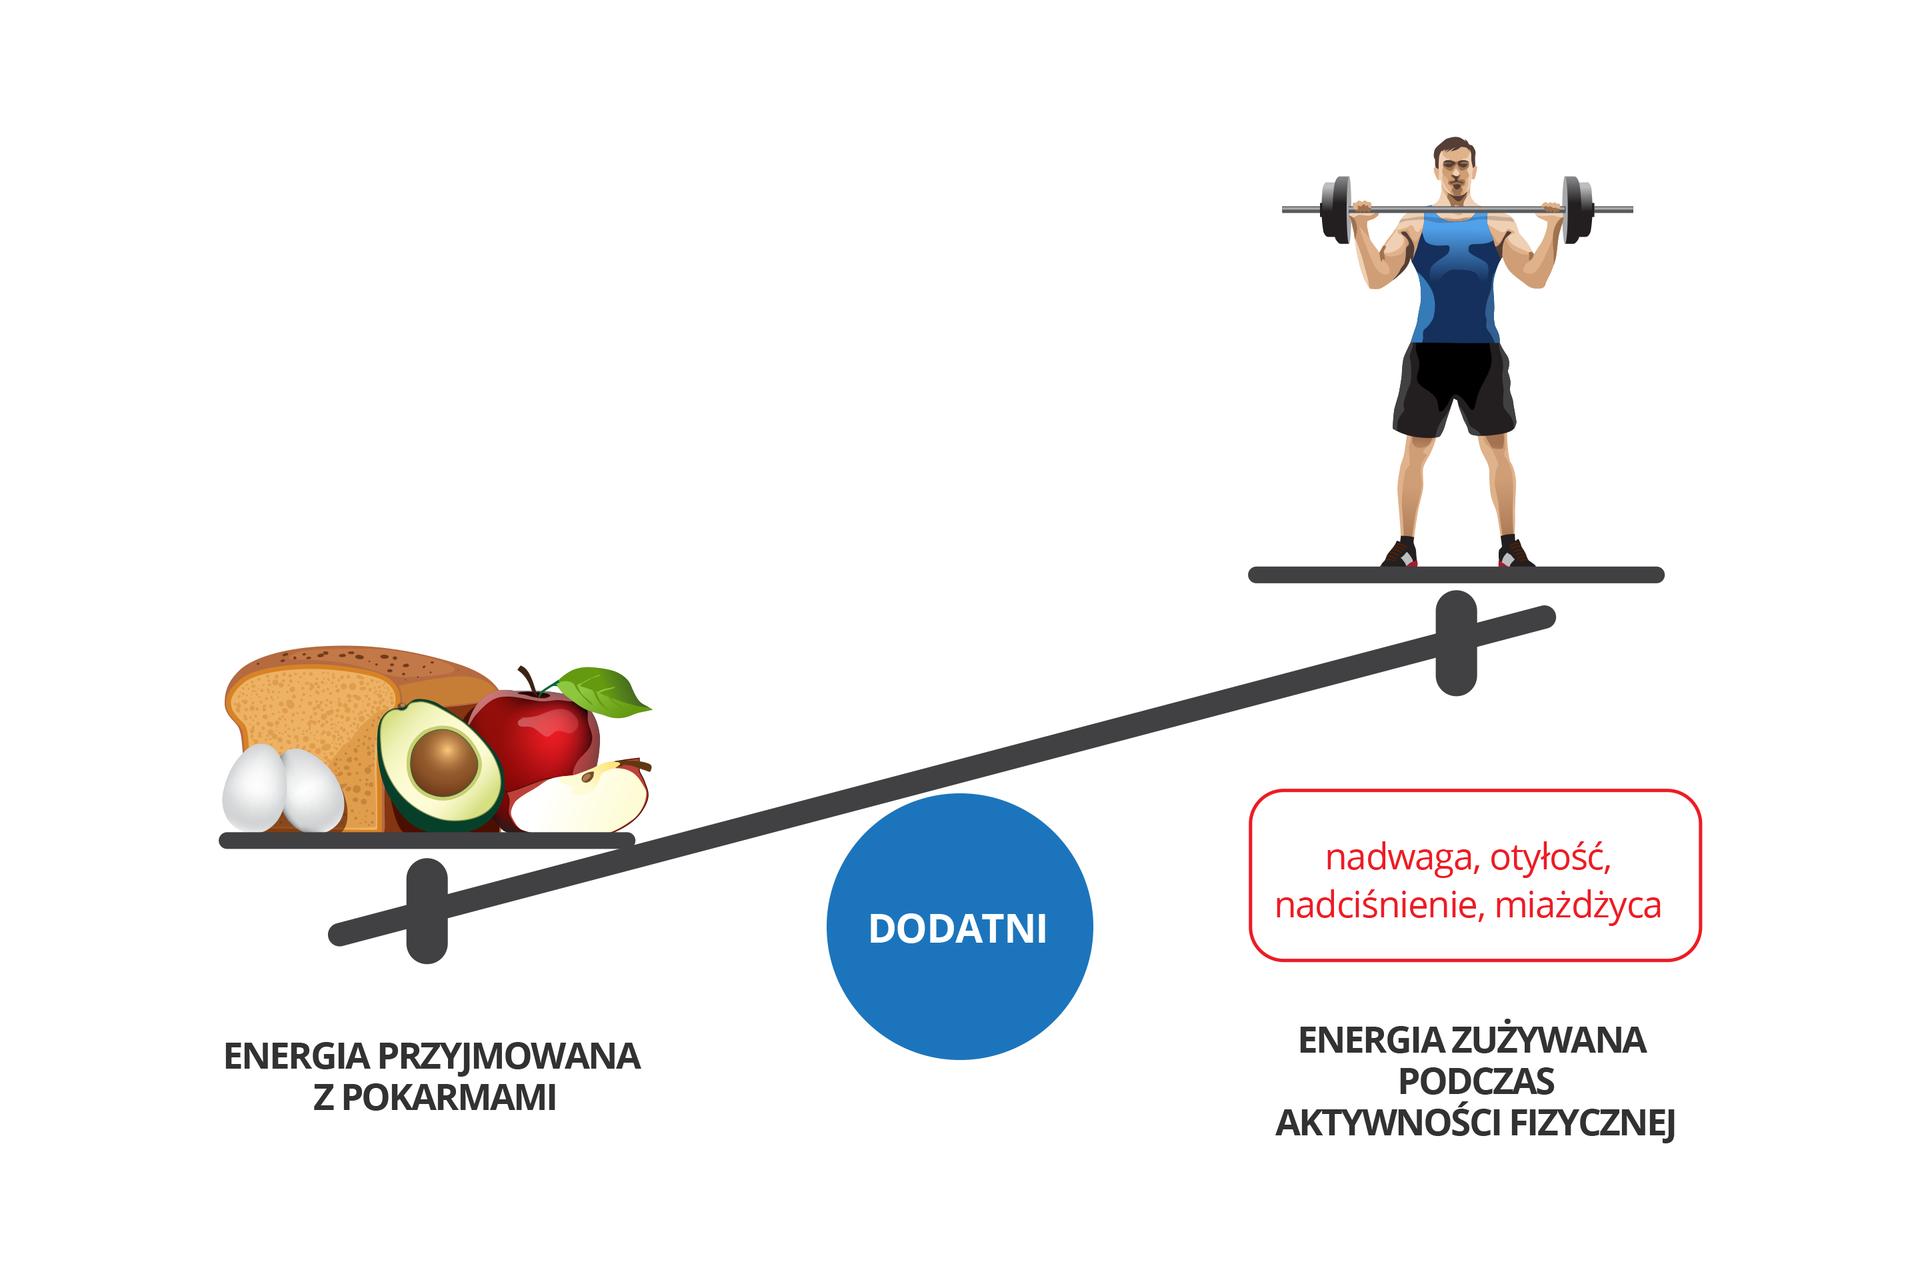 Wgalerii znajdują się plansze, dotyczące bilansowania energii. Rysunek przedstawia wagę na niebieskim kole znapisem: dodatni. Szala przechylona wlewo, pokarm wdole. Podpis: energia przyjmowana zpokarmami. Pod atletą wczerwonej ramce: nadwaga, otyłość, nadciśnienie, miażdżyca. Podpis: energia zużywana podczas aktywności fizycznej.